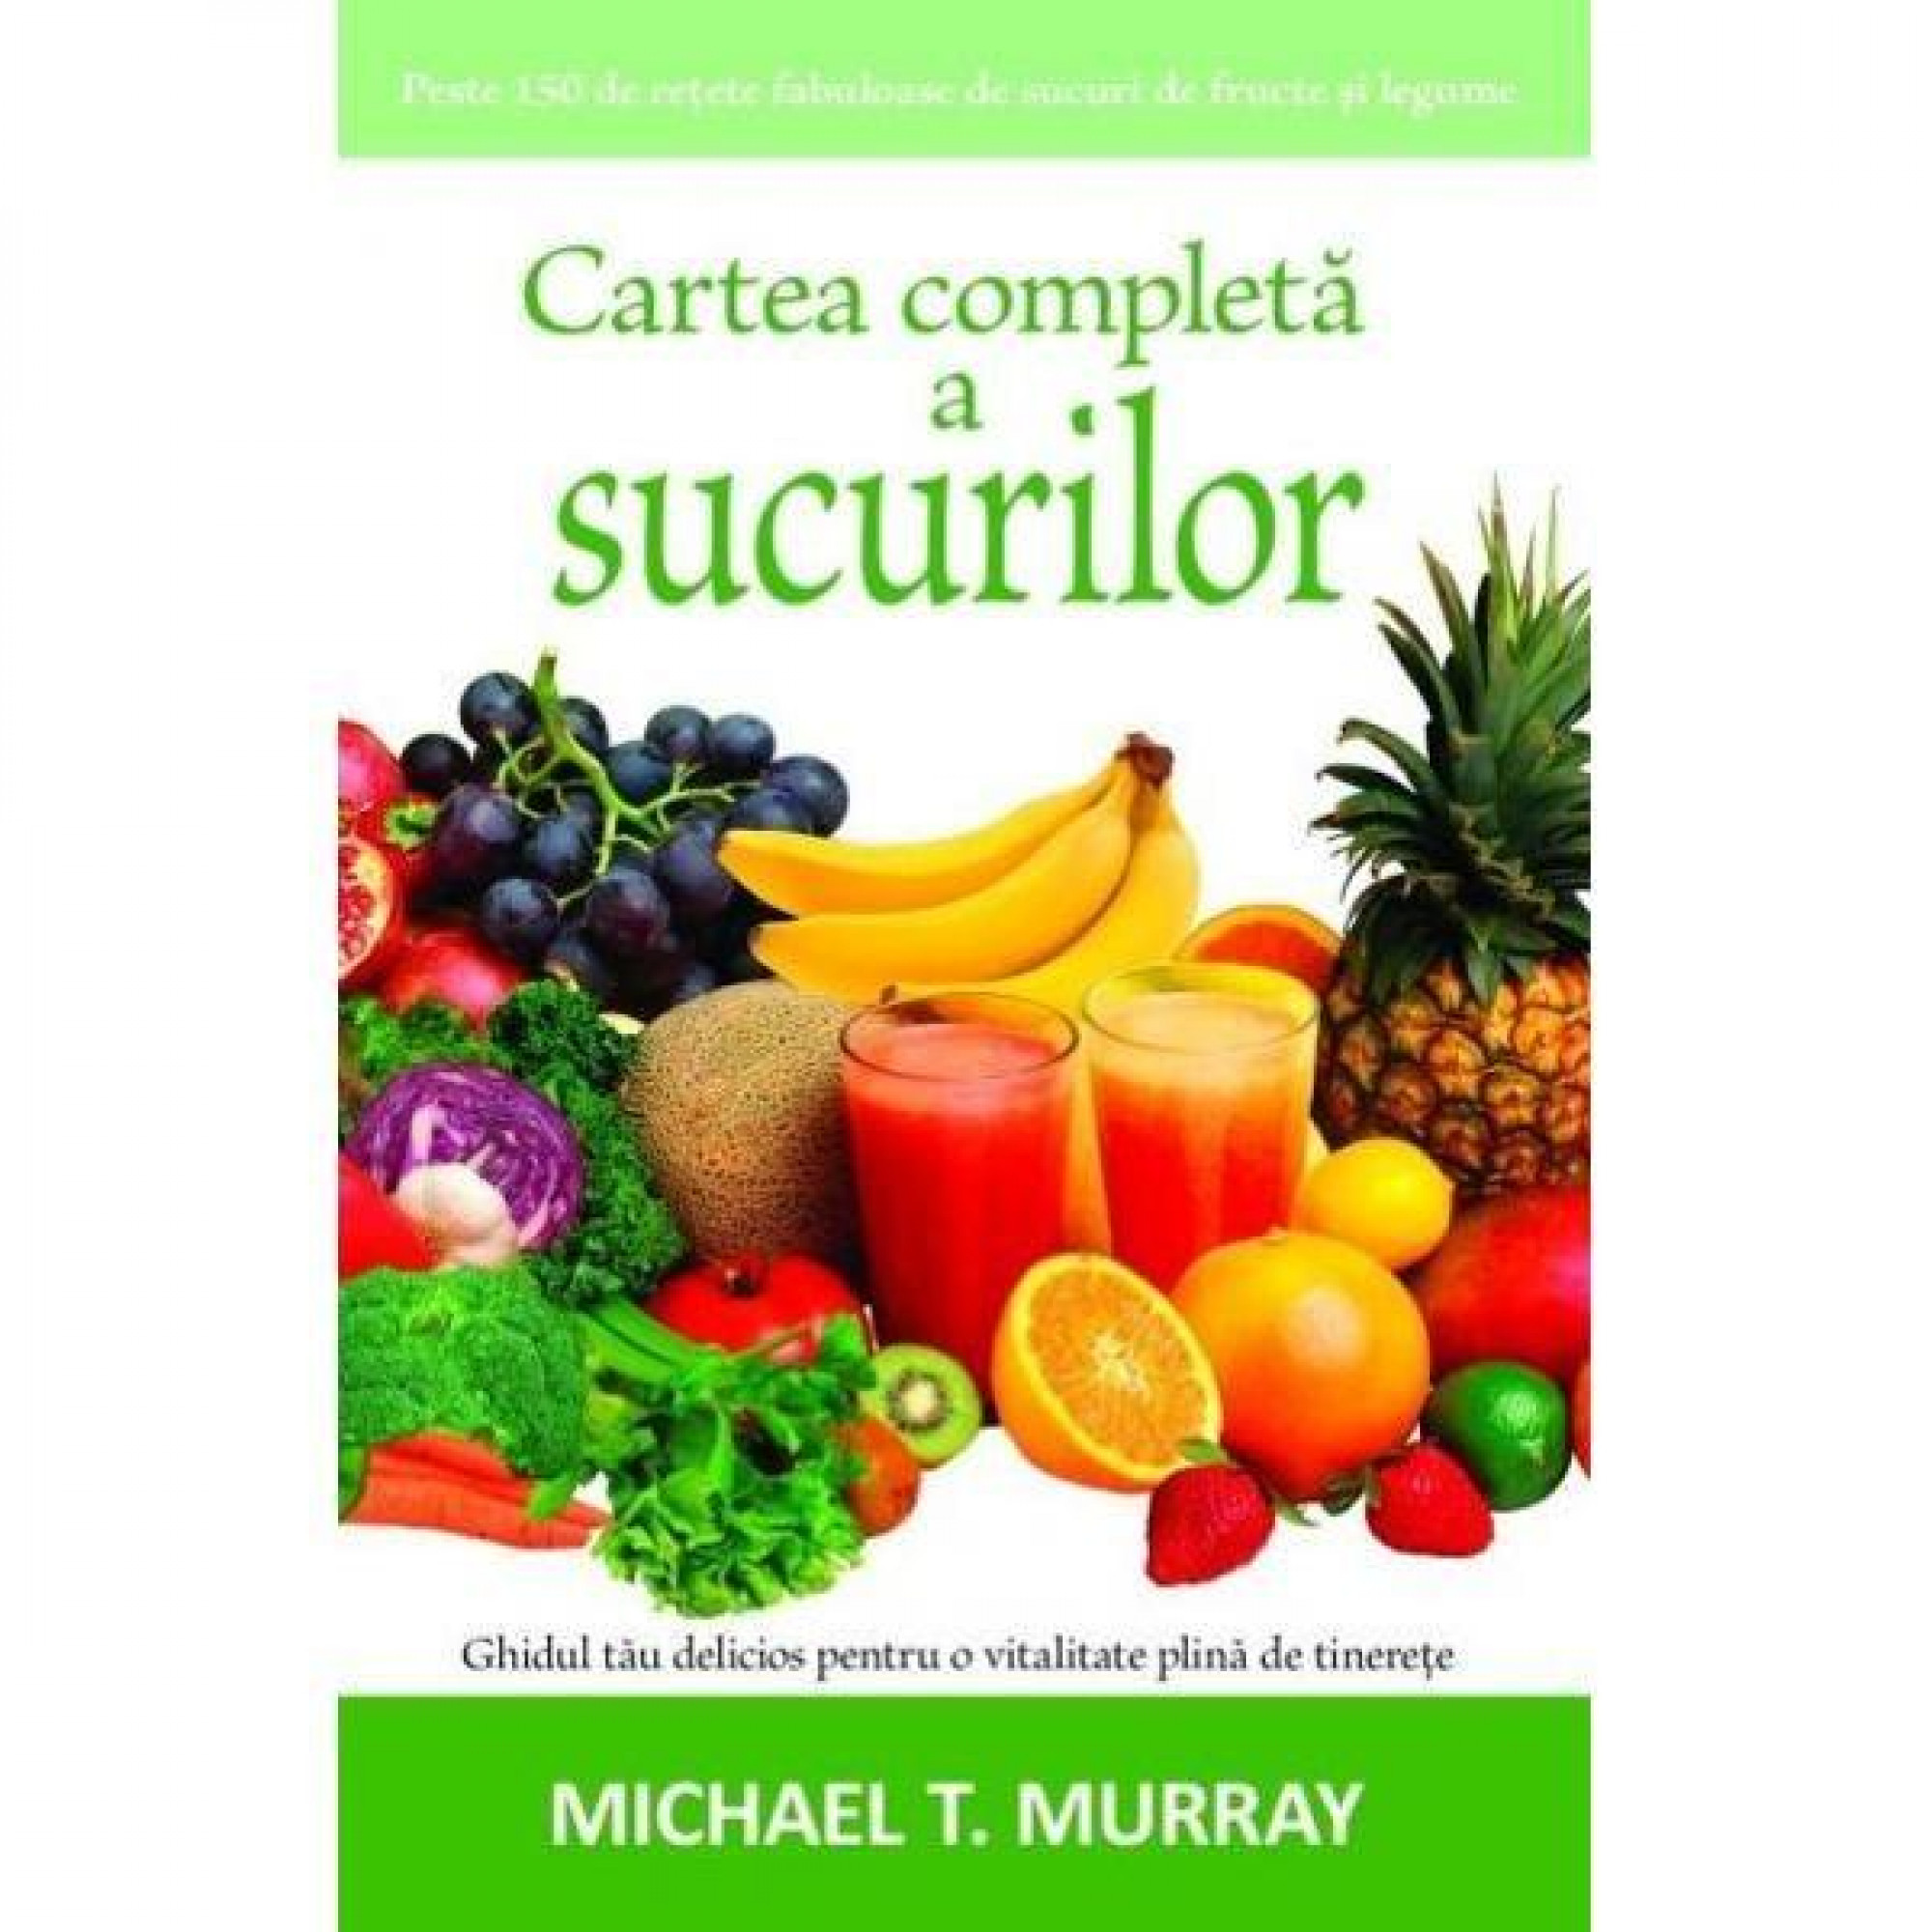 Cartea completă a sucurilor; Michael T. Murray